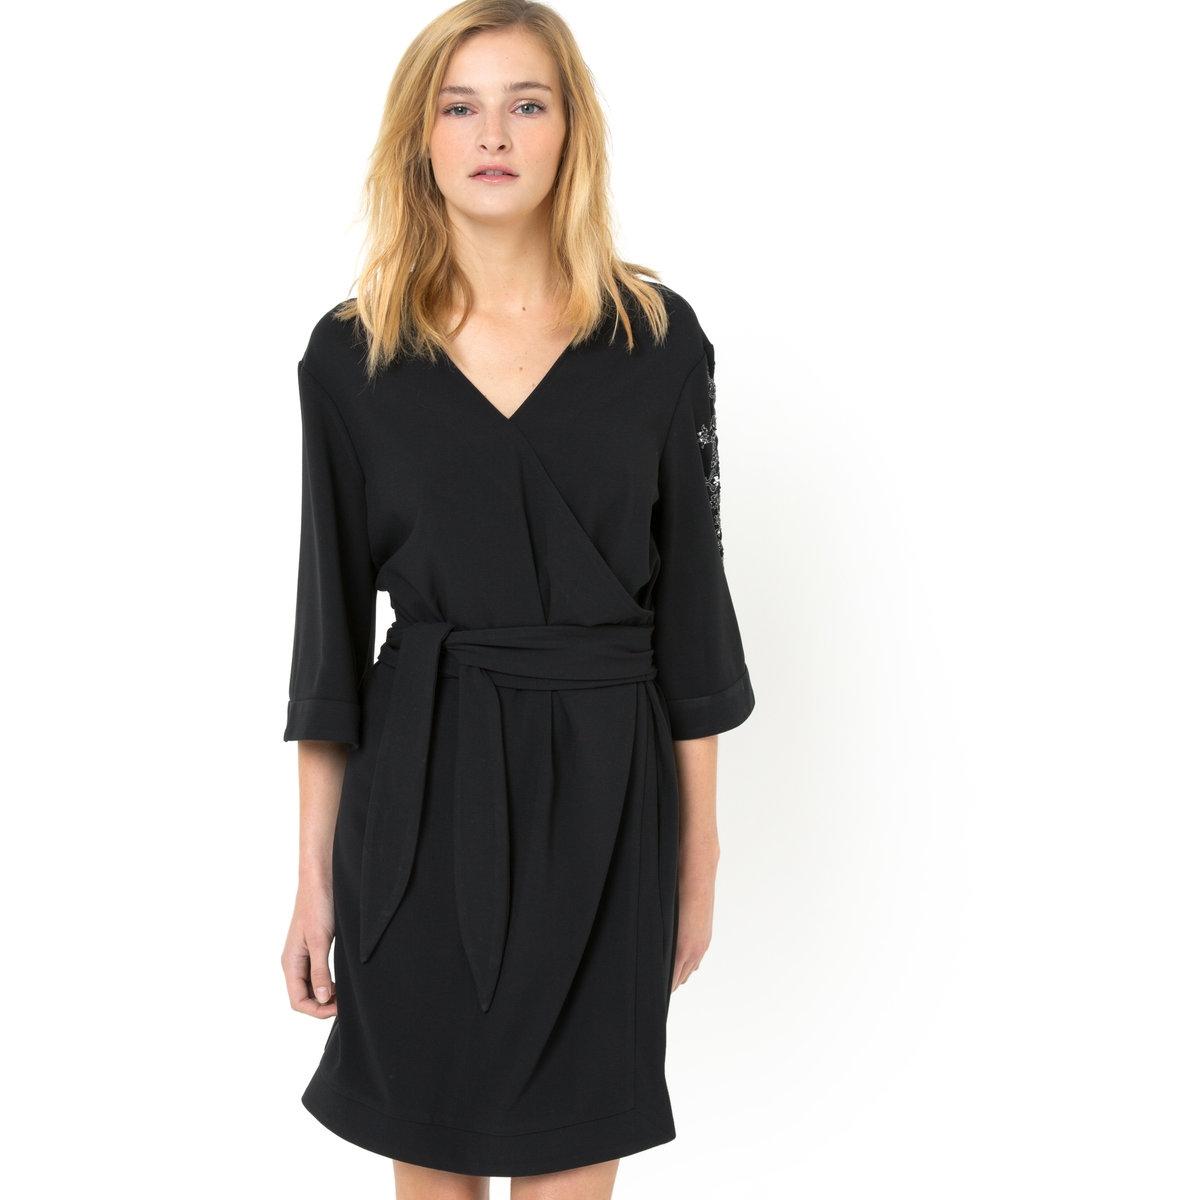 Платье-кимоно с вышивкойПлатье-кимоно с вышивкой - SOFT GREY. Платье с рукавами ?. 62% полиэстера,   33% вискозы, 5% эластана. Блестящая серебристая вышивка на левом рукаве. Пояс с завязками спереди. V-образный вырез, передние перекрещивающиеся полы. Длина 95 см.<br><br>Цвет: черный<br>Размер: 34 (FR) - 40 (RUS).40 (FR) - 46 (RUS)